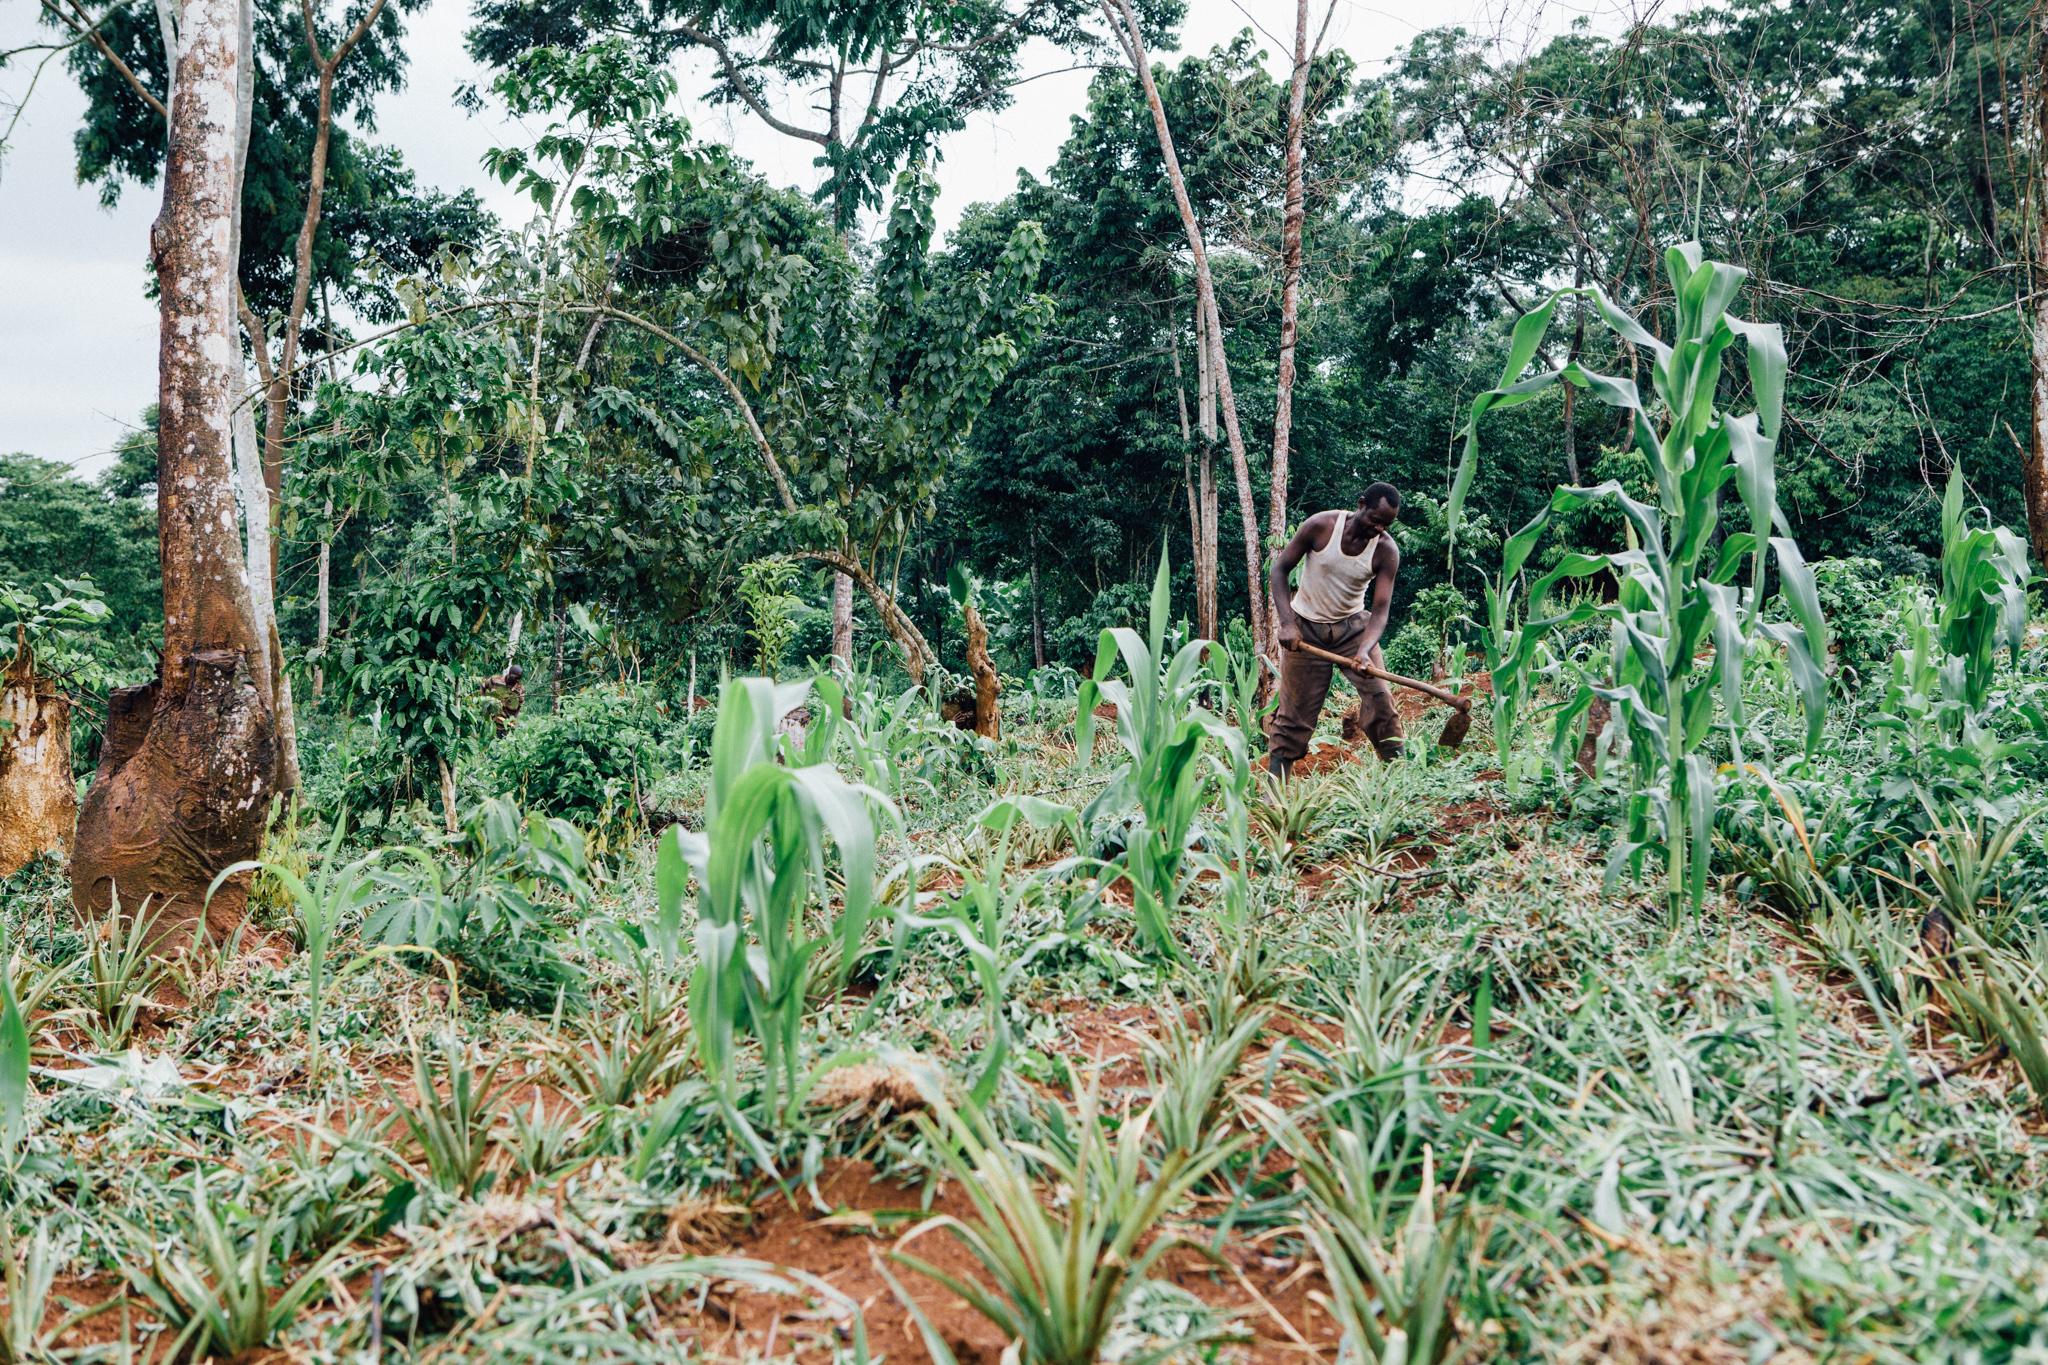 YSB Ugandajpg